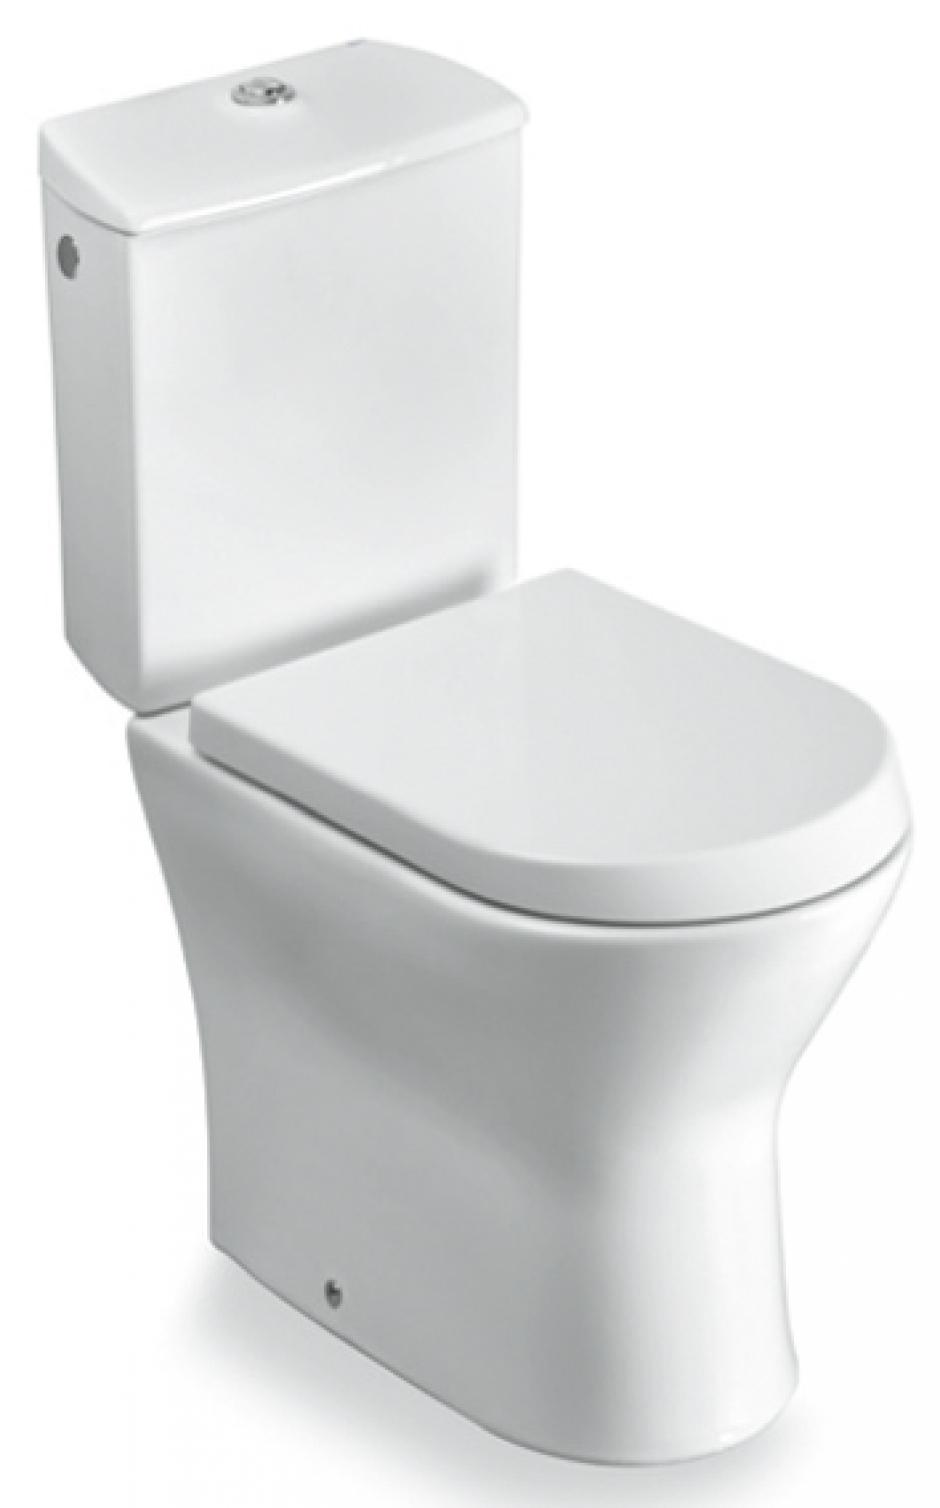 salle de bain cuvette wc cuvette de wc nexo vacuation duale. Black Bedroom Furniture Sets. Home Design Ideas